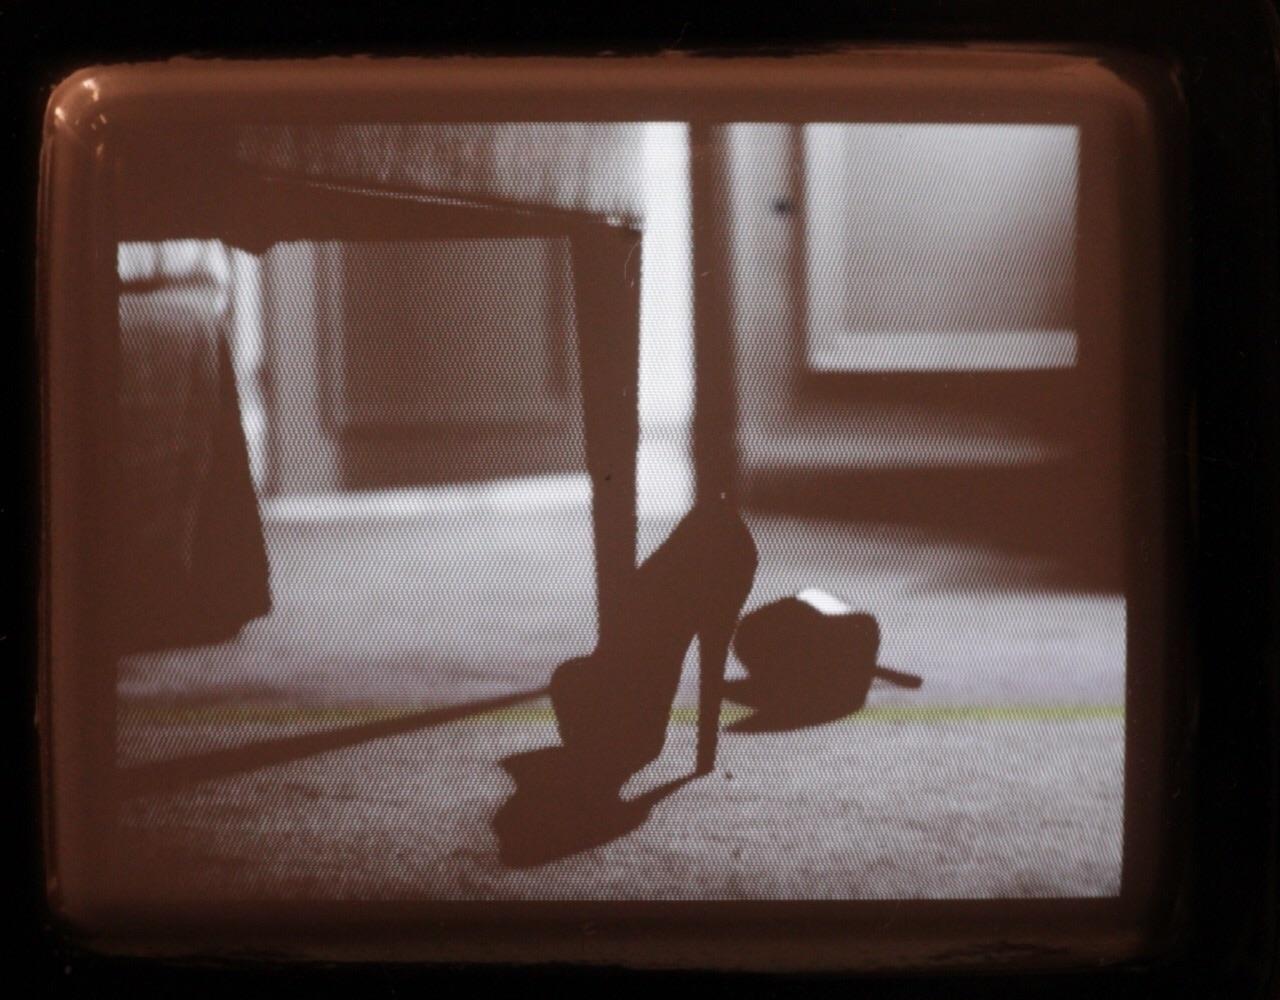 Heels on floor